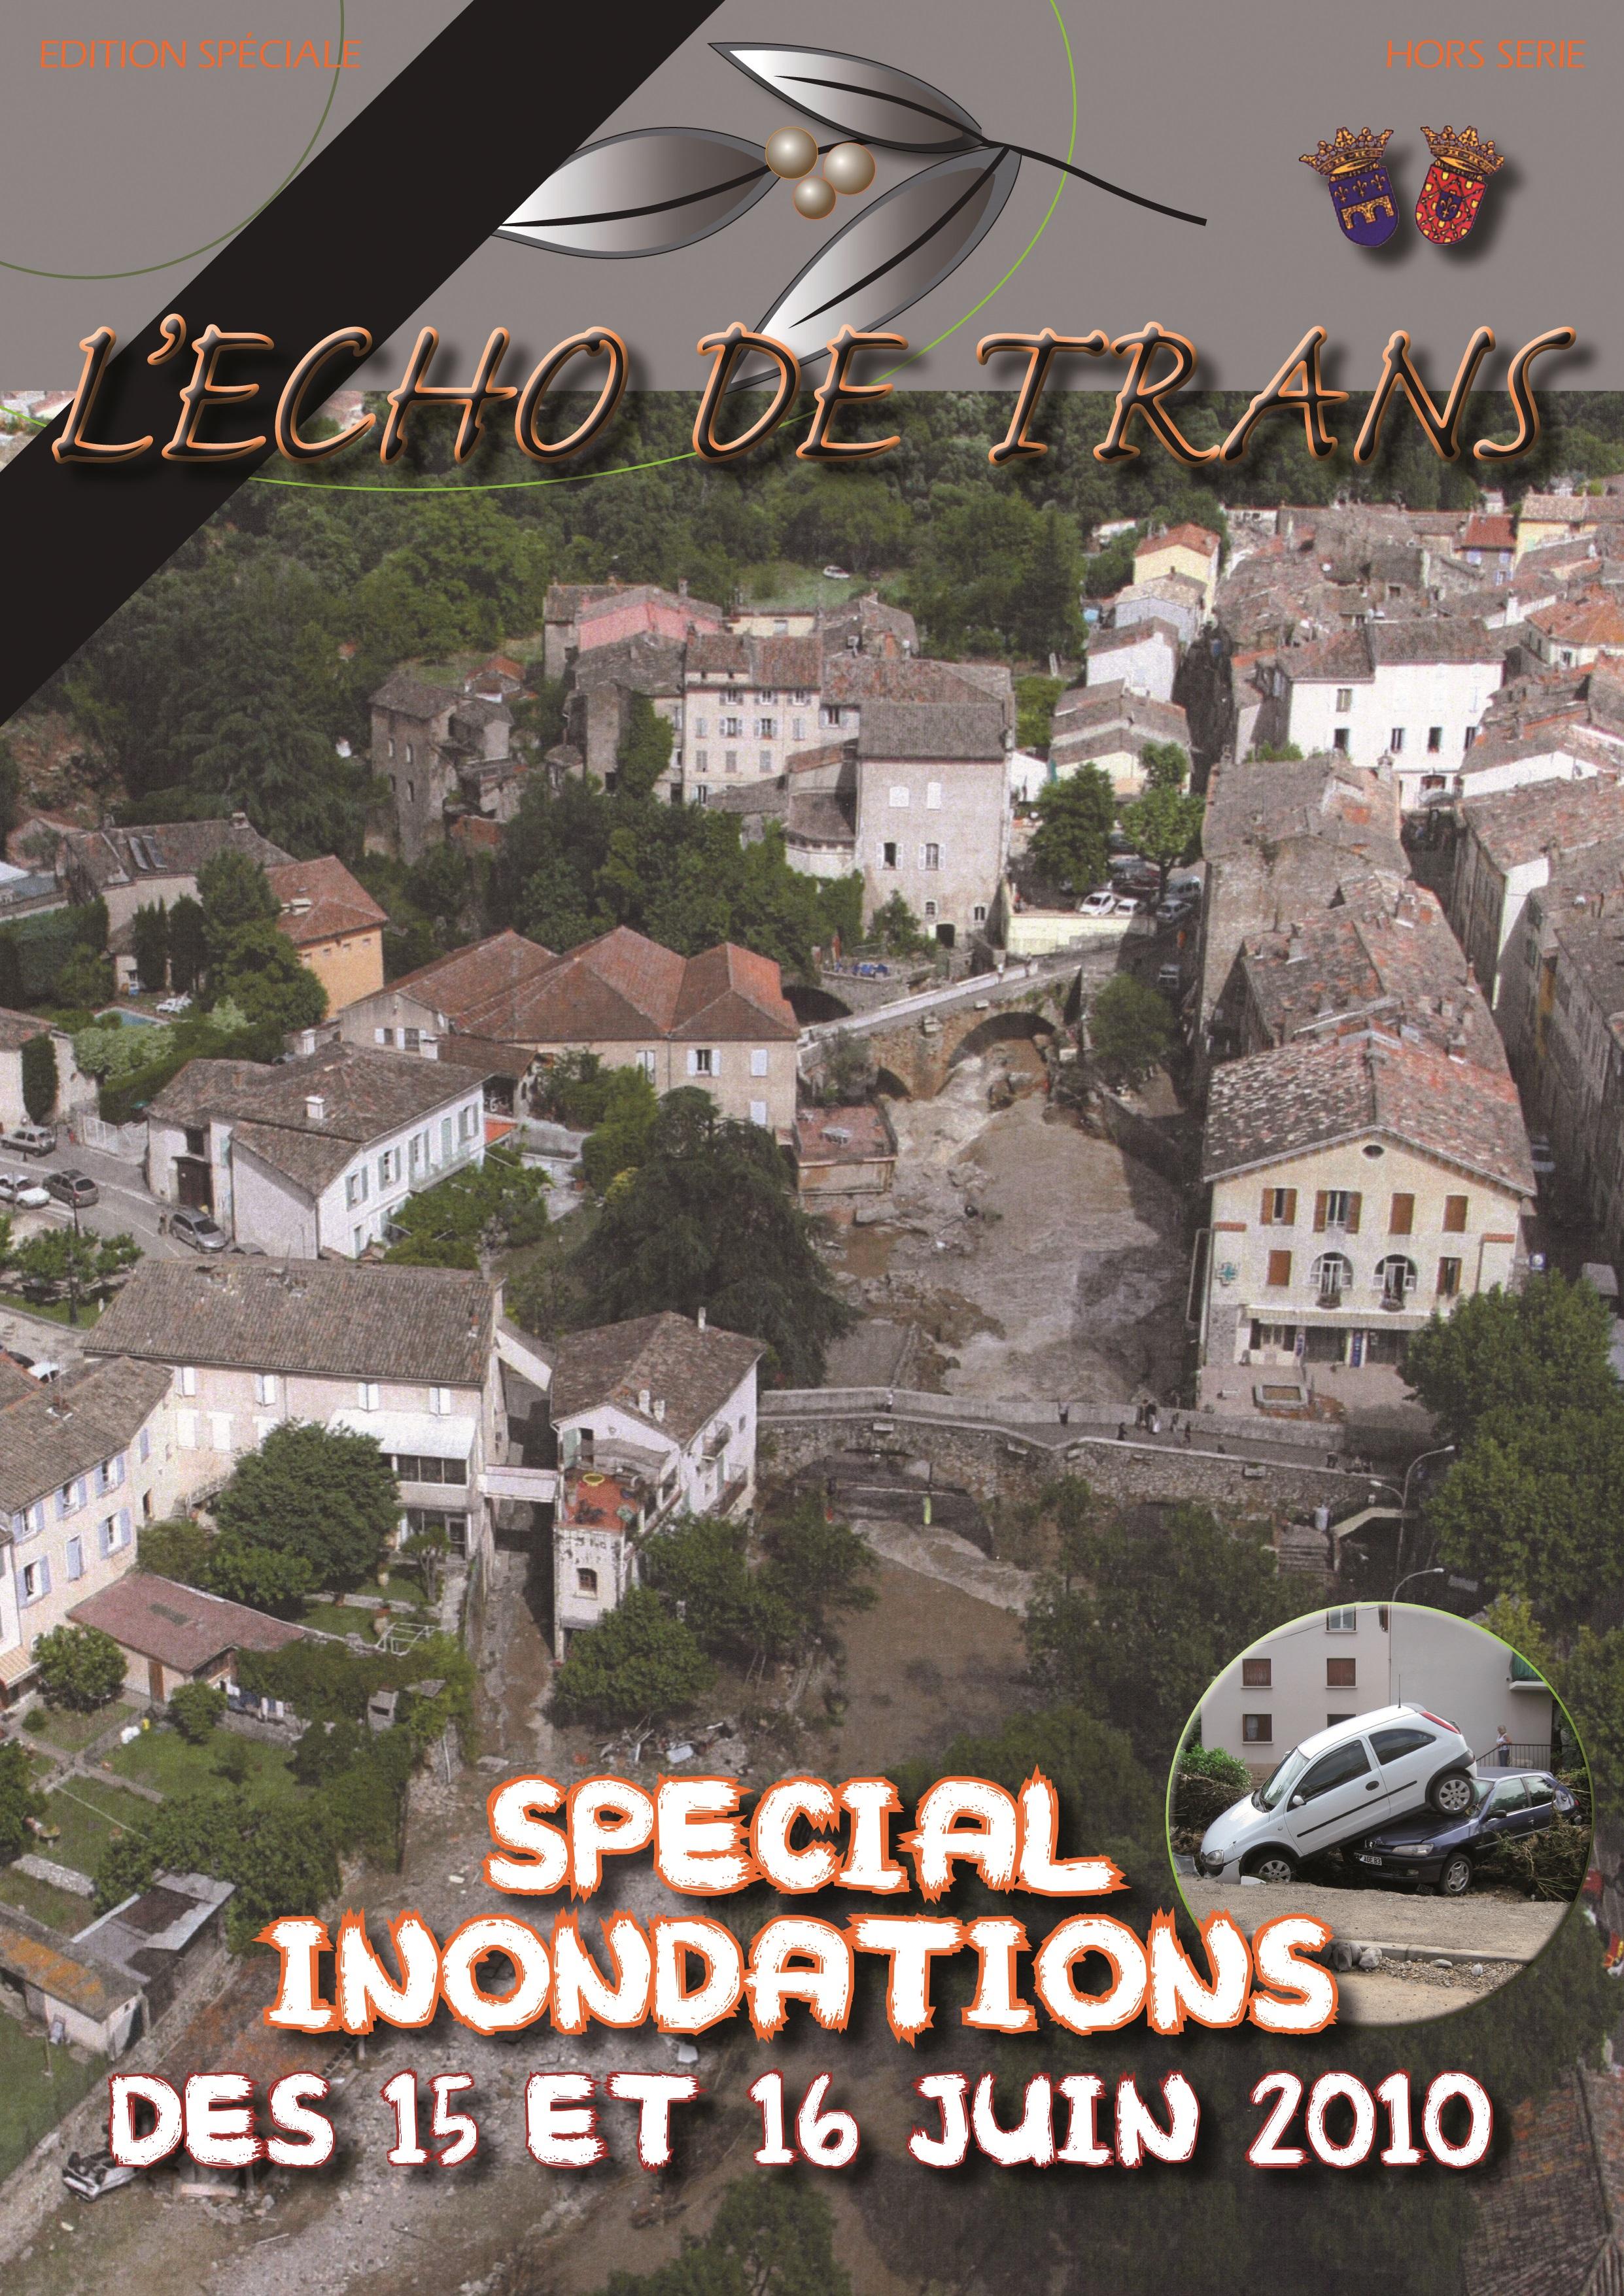 Couverture du magazine municipal Echo de Trans édition spéciale inondations 2010